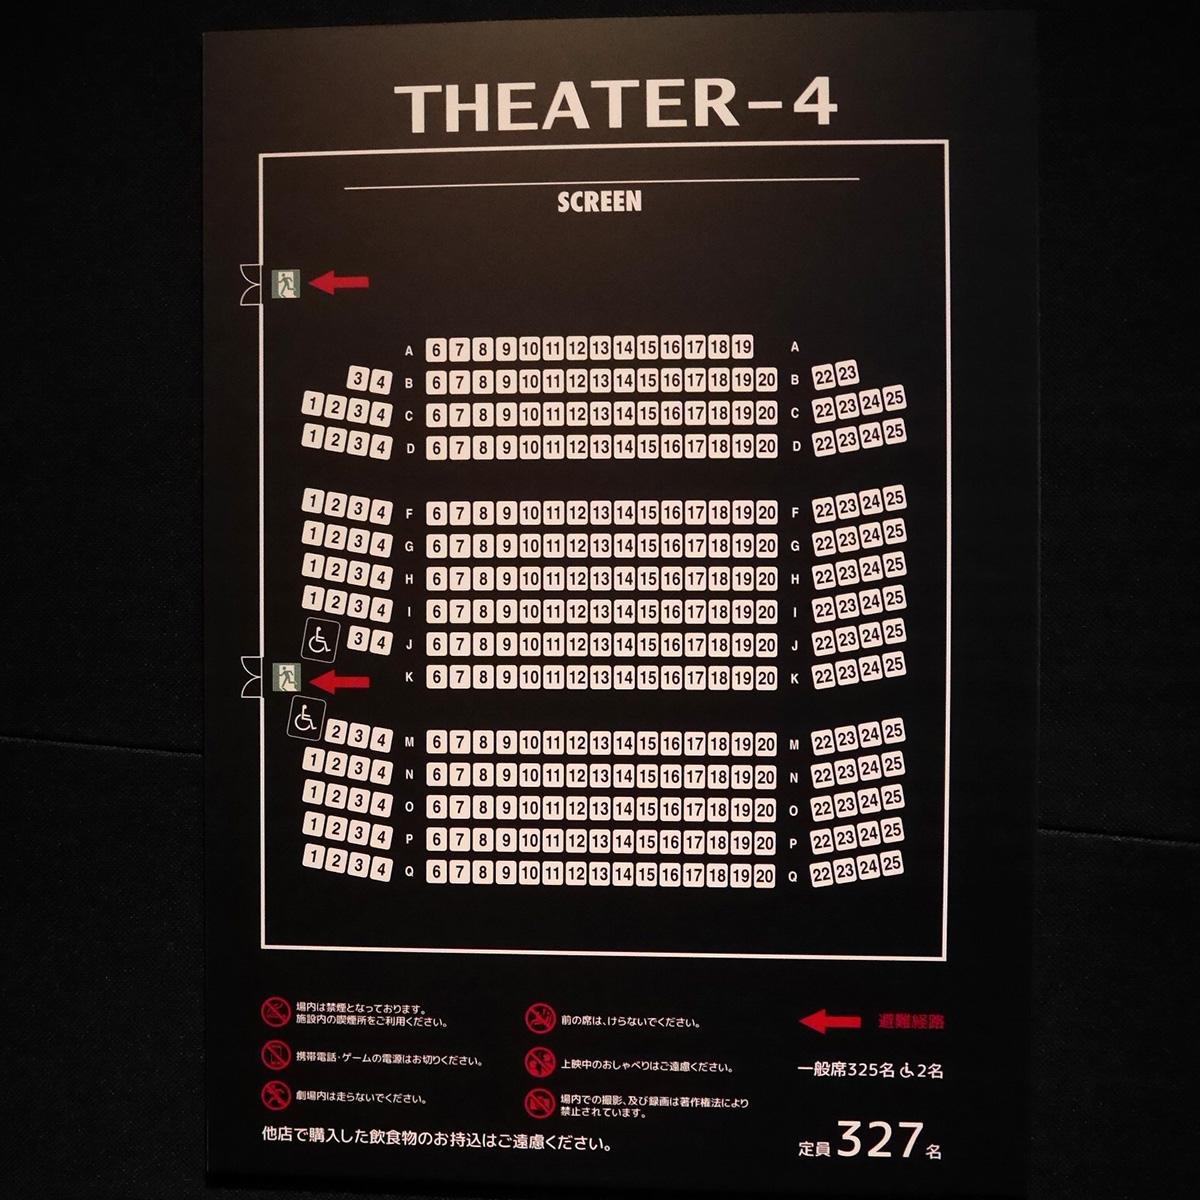 4番シアターの座席表